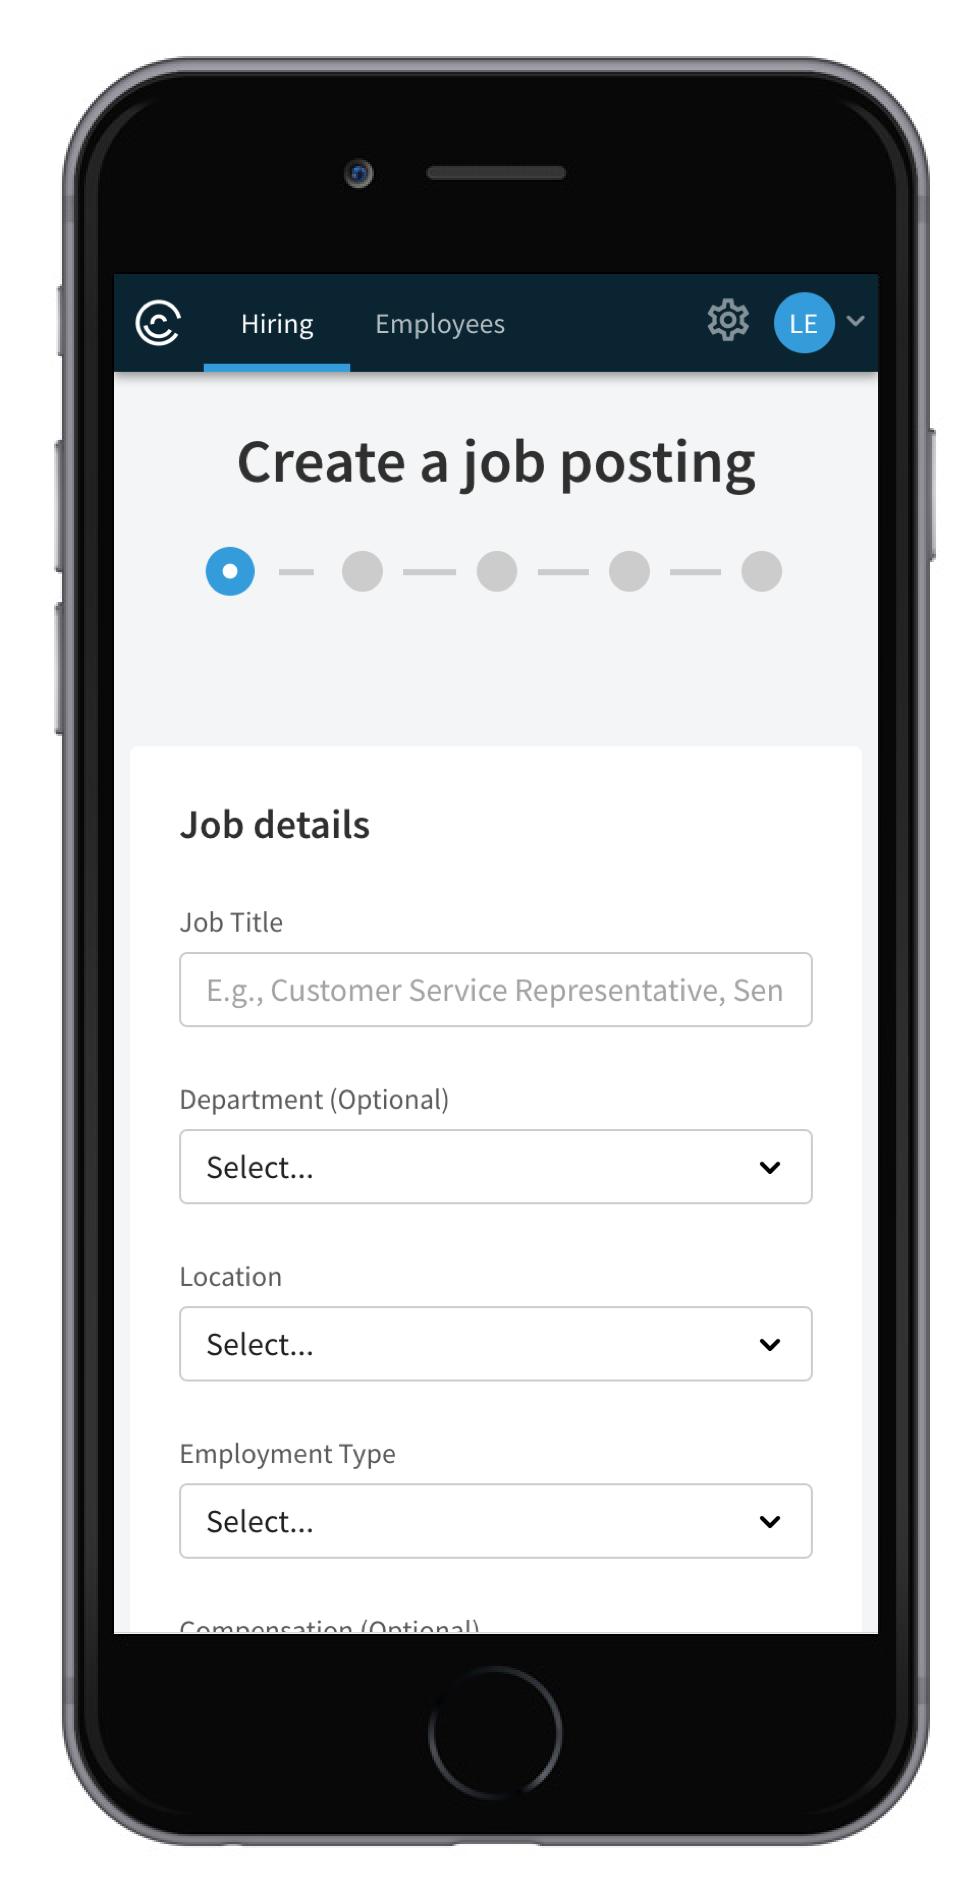 Job Posting - details